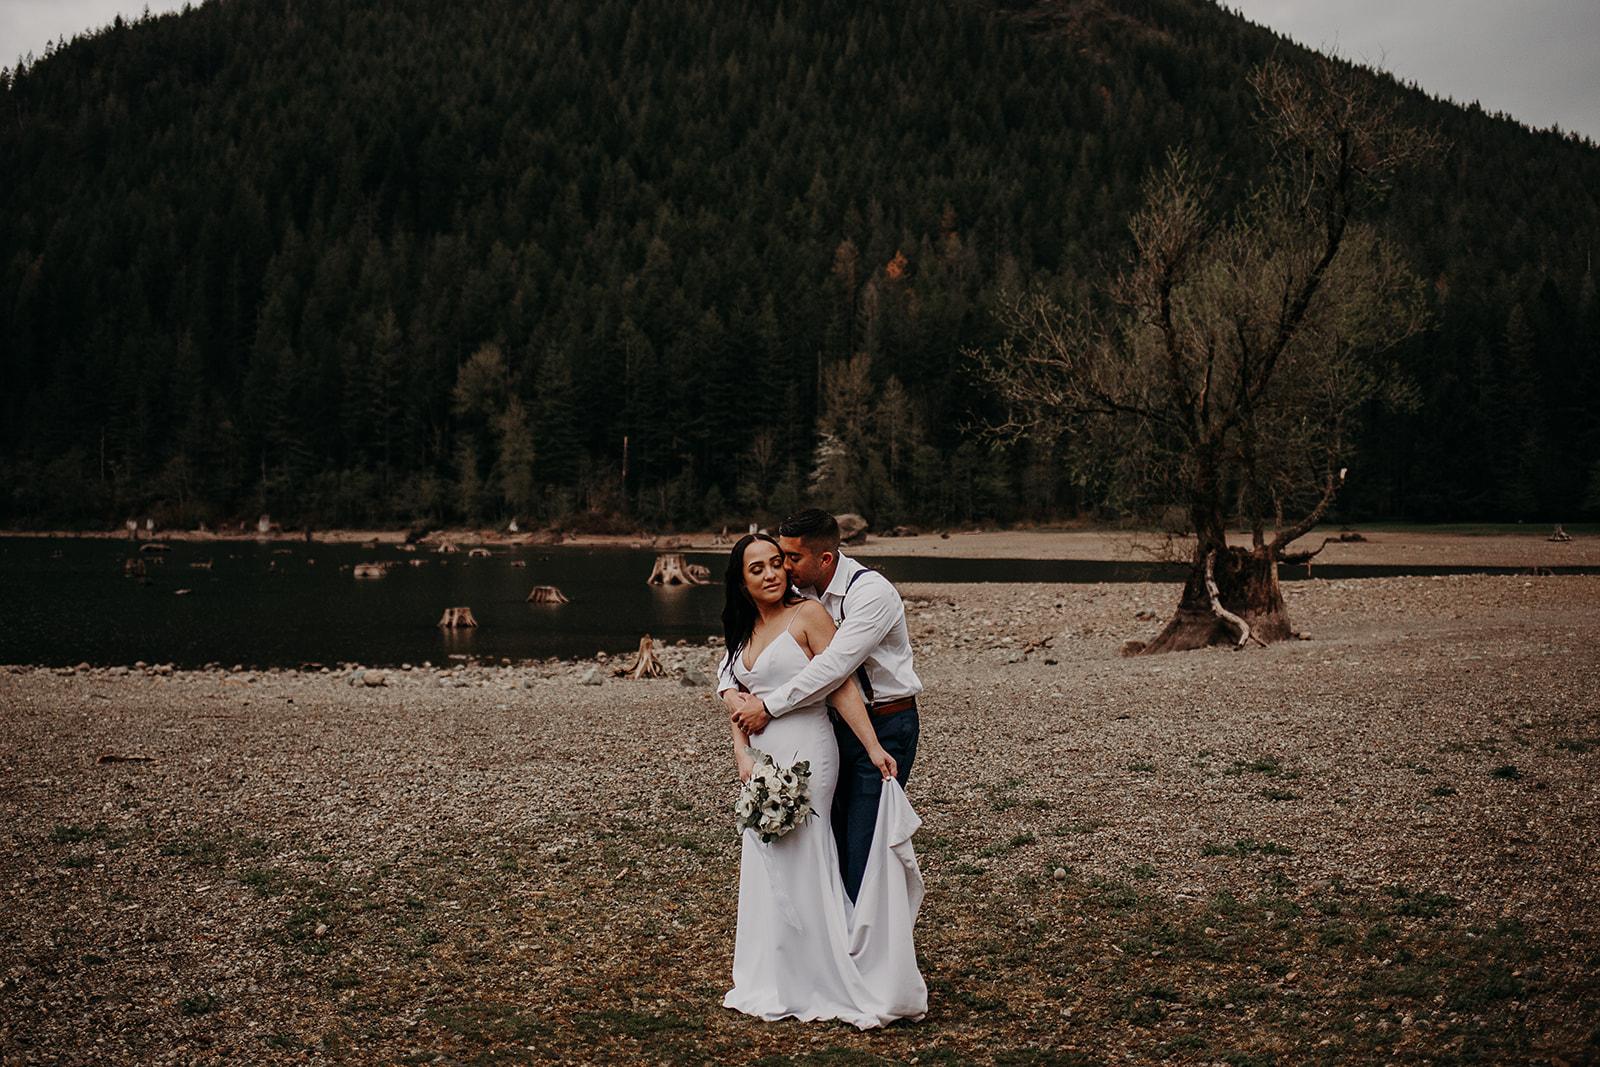 winter-mountain-elopement-asheville-wedding-photographer-megan-gallagher-photographer (68).jpg